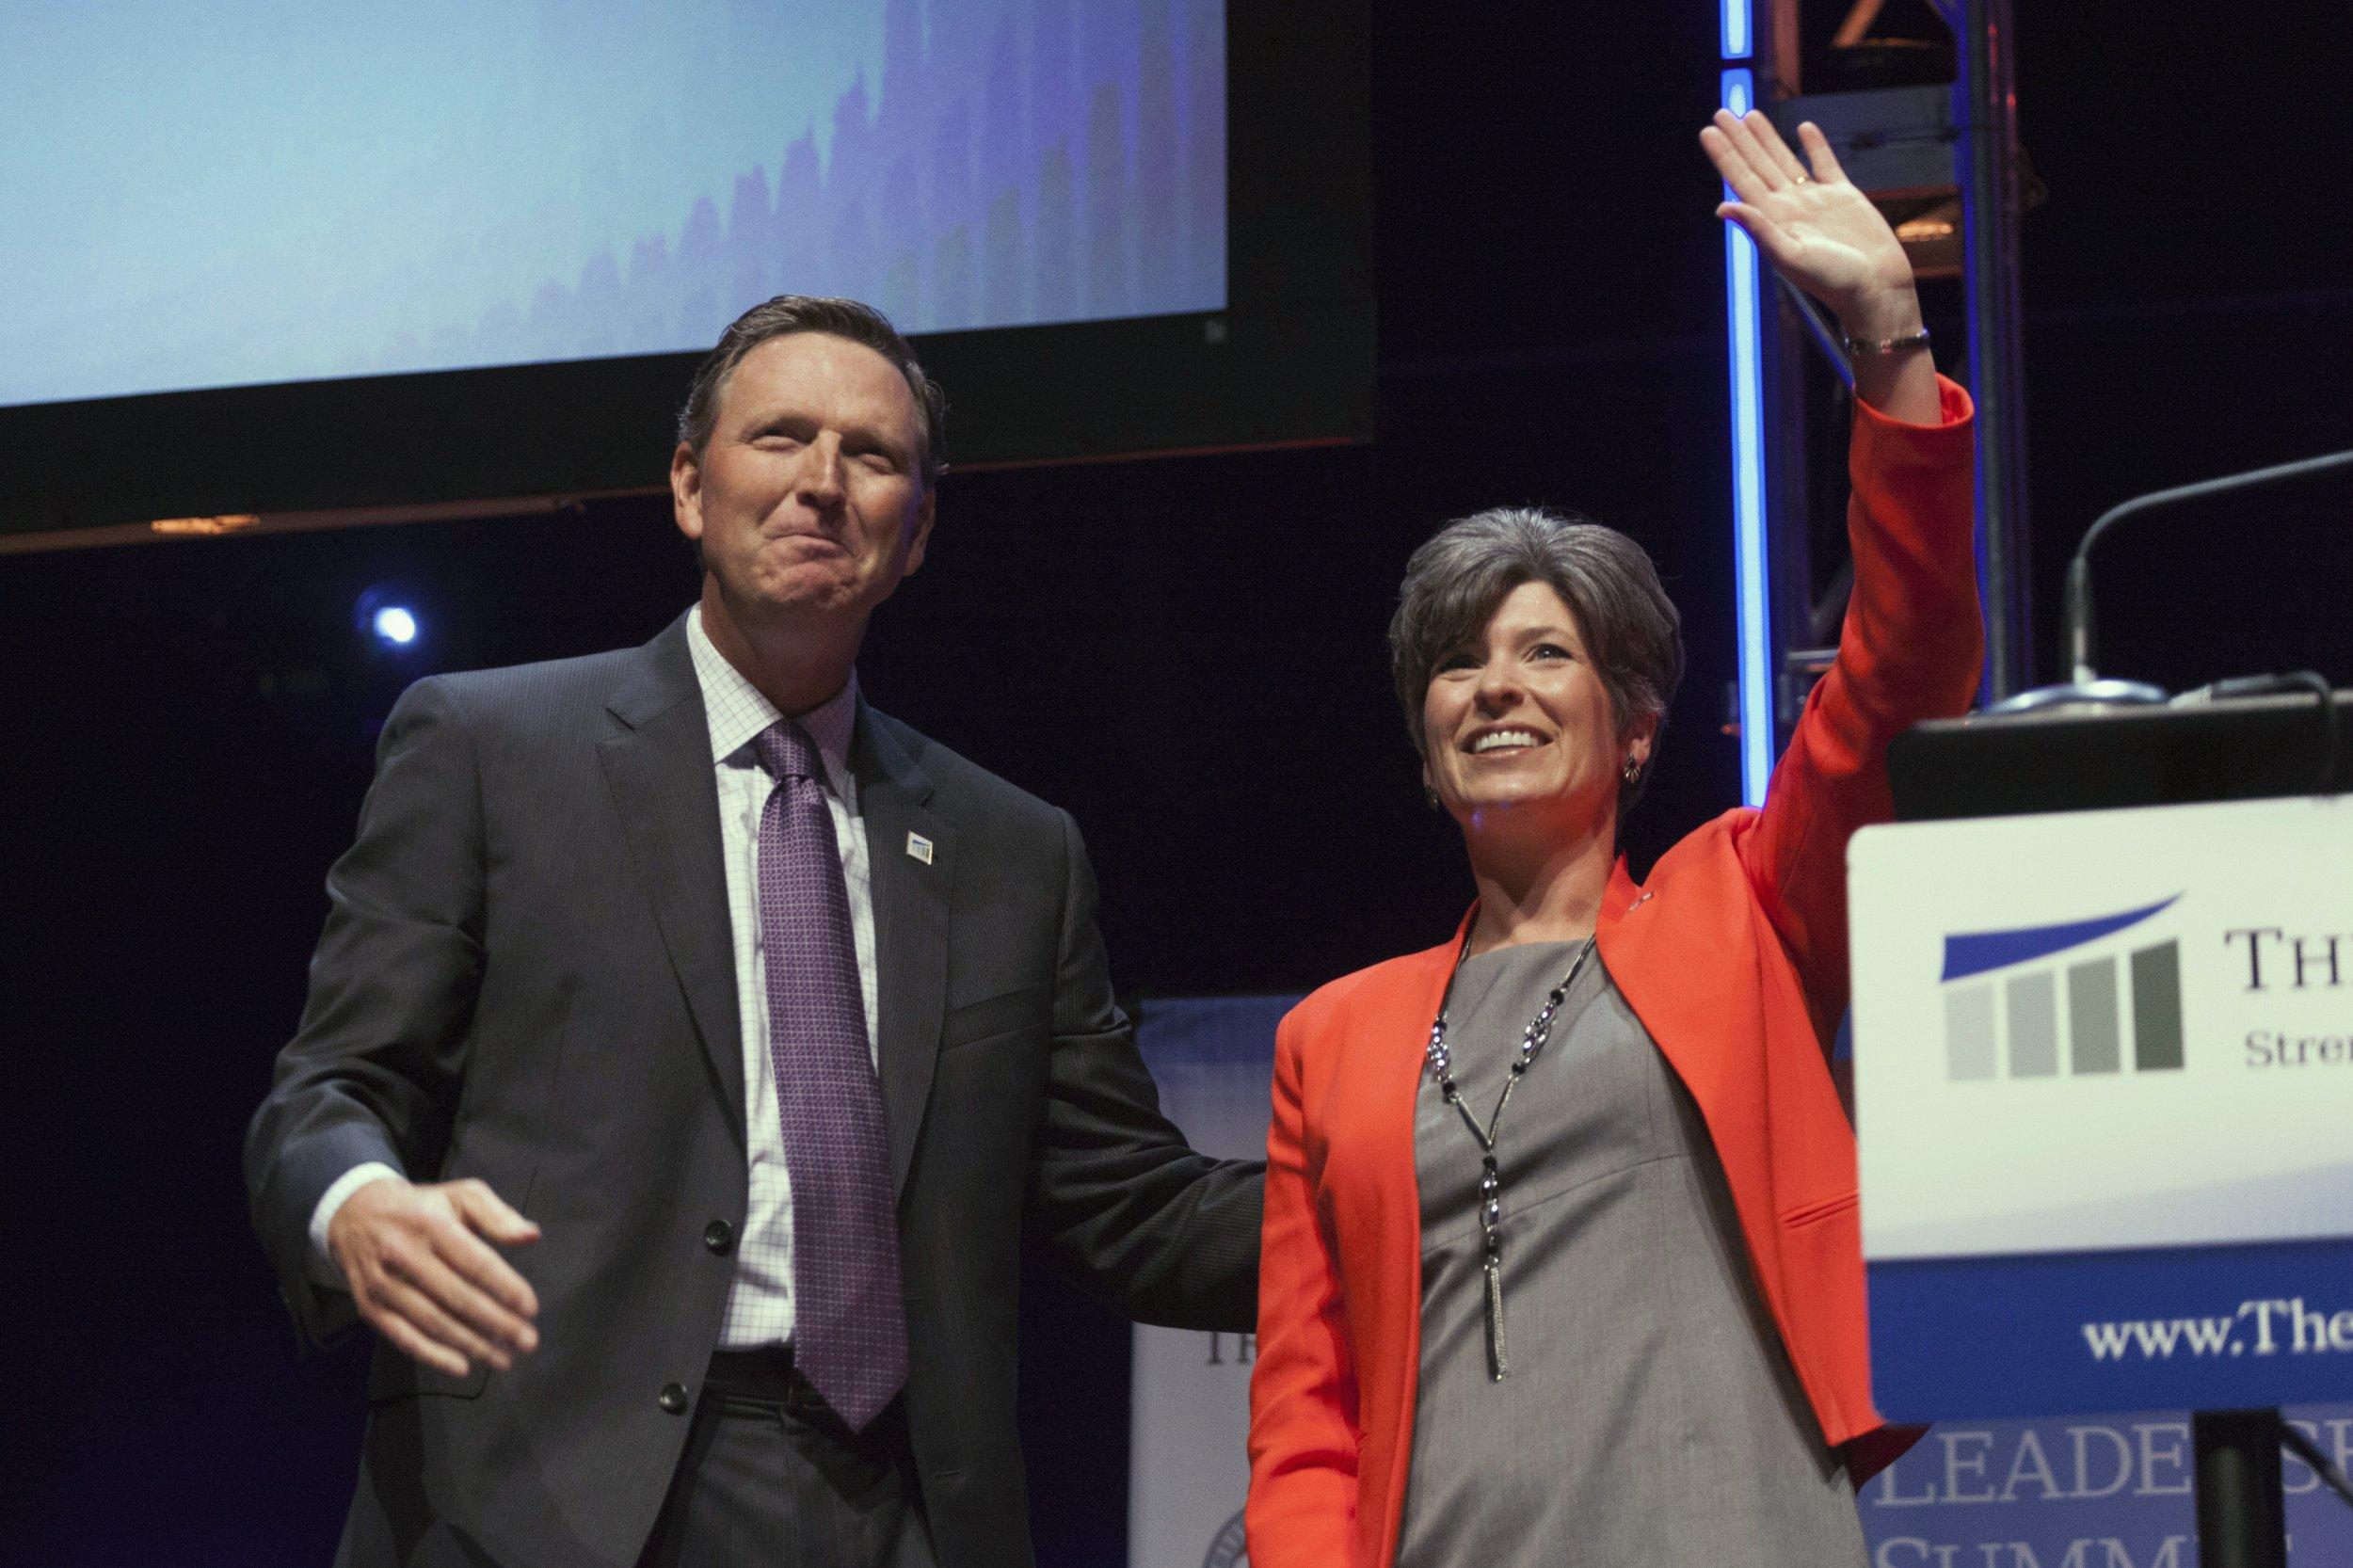 U.S. Senate Candidate Joni Ernst